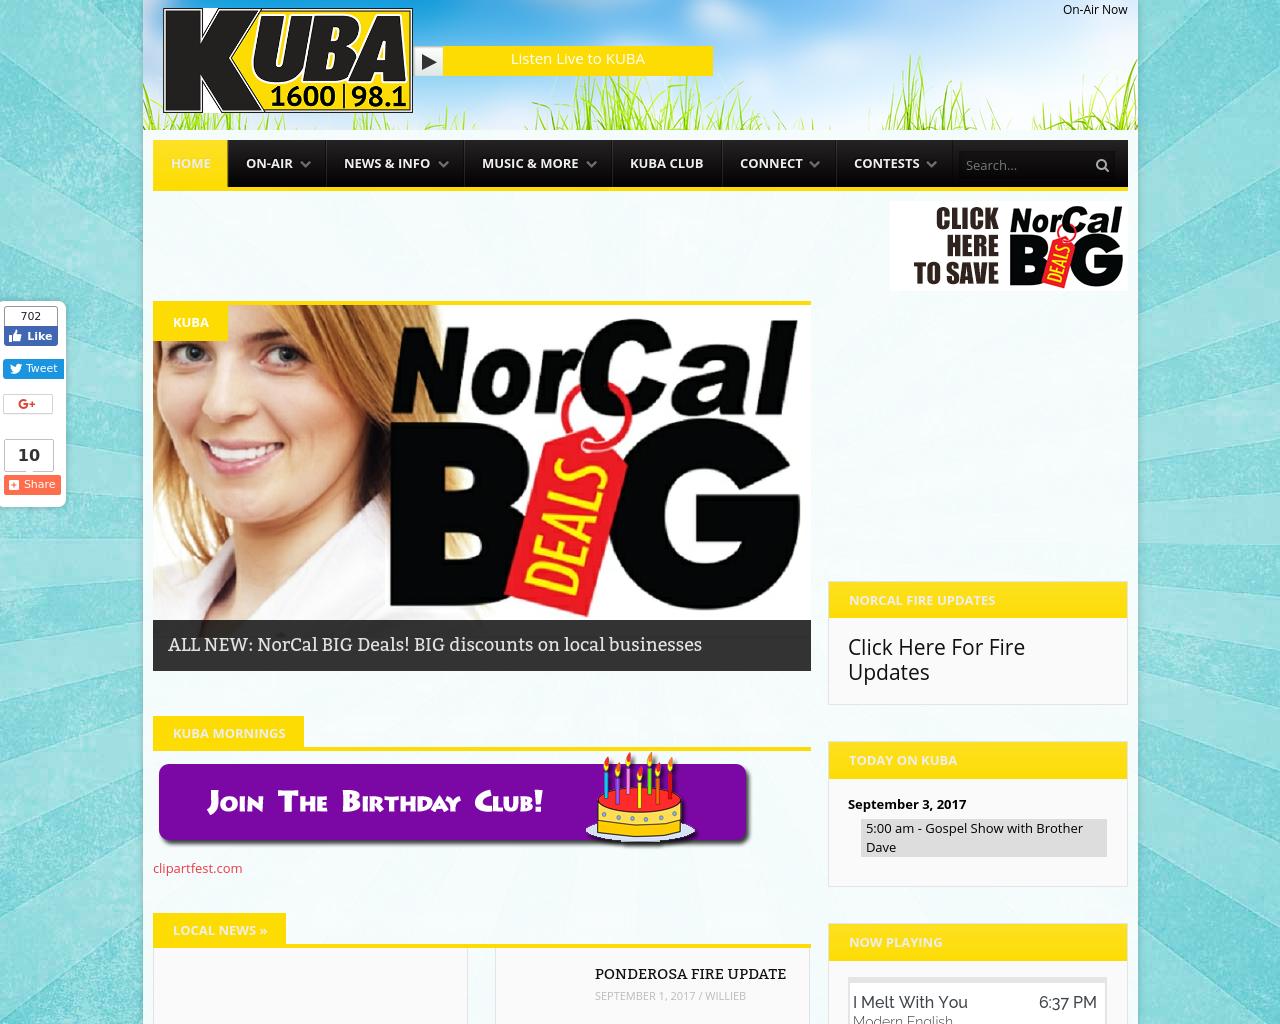 Kubaradio-Advertising-Reviews-Pricing